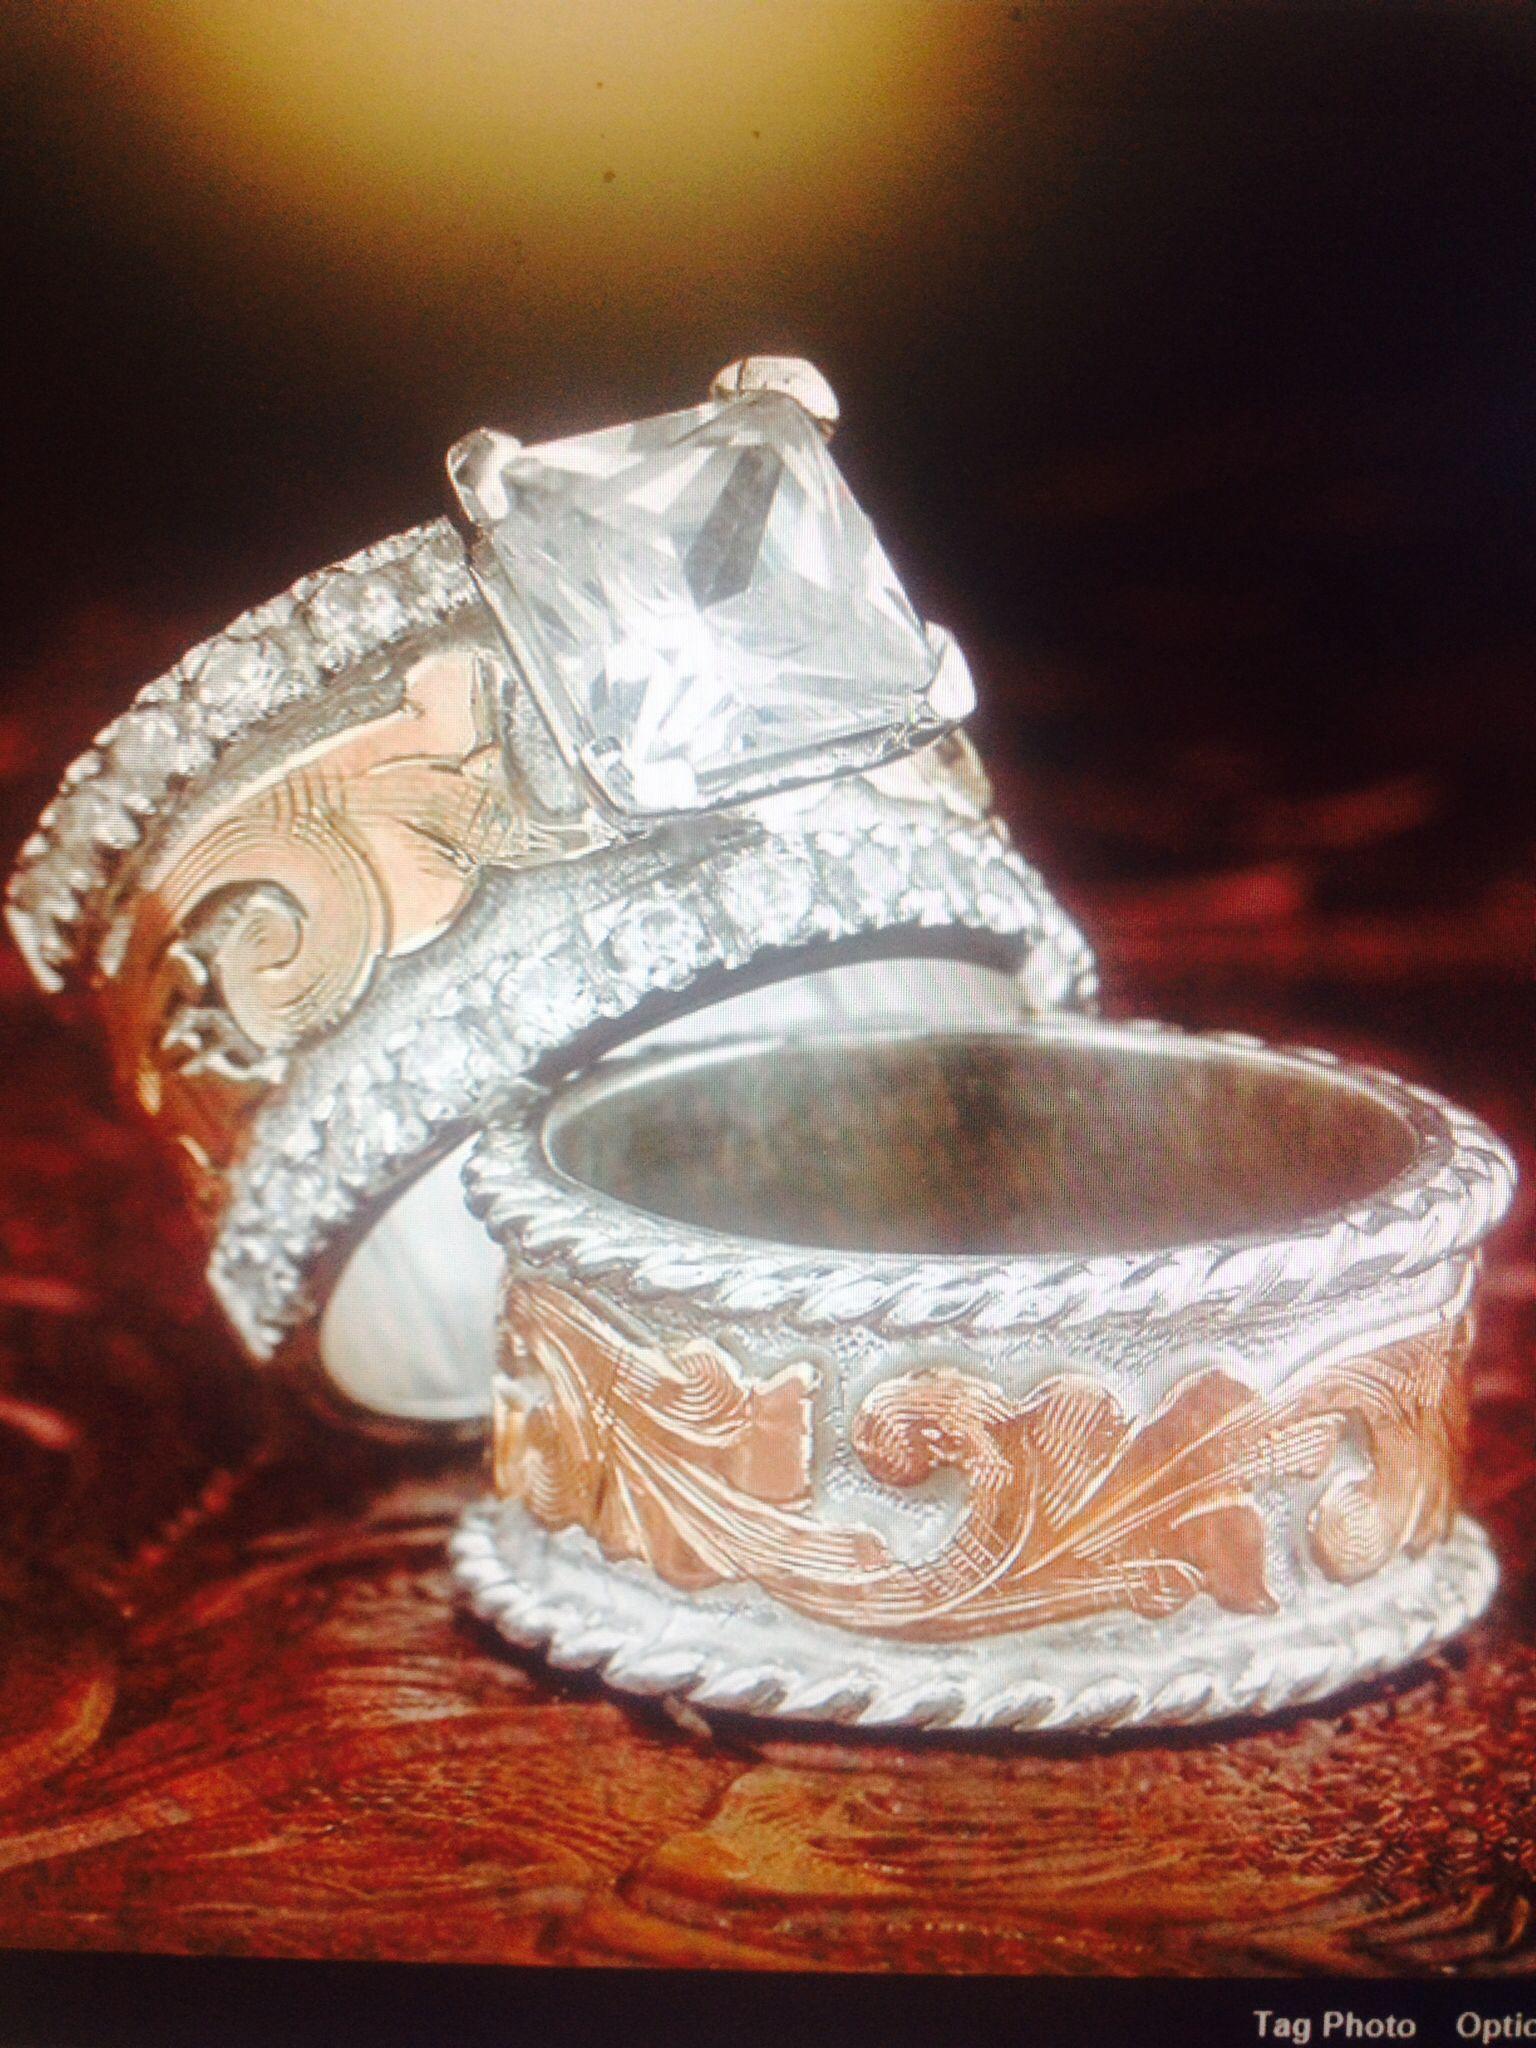 Western wedding set Fanning Jewelry Jewelry wedding